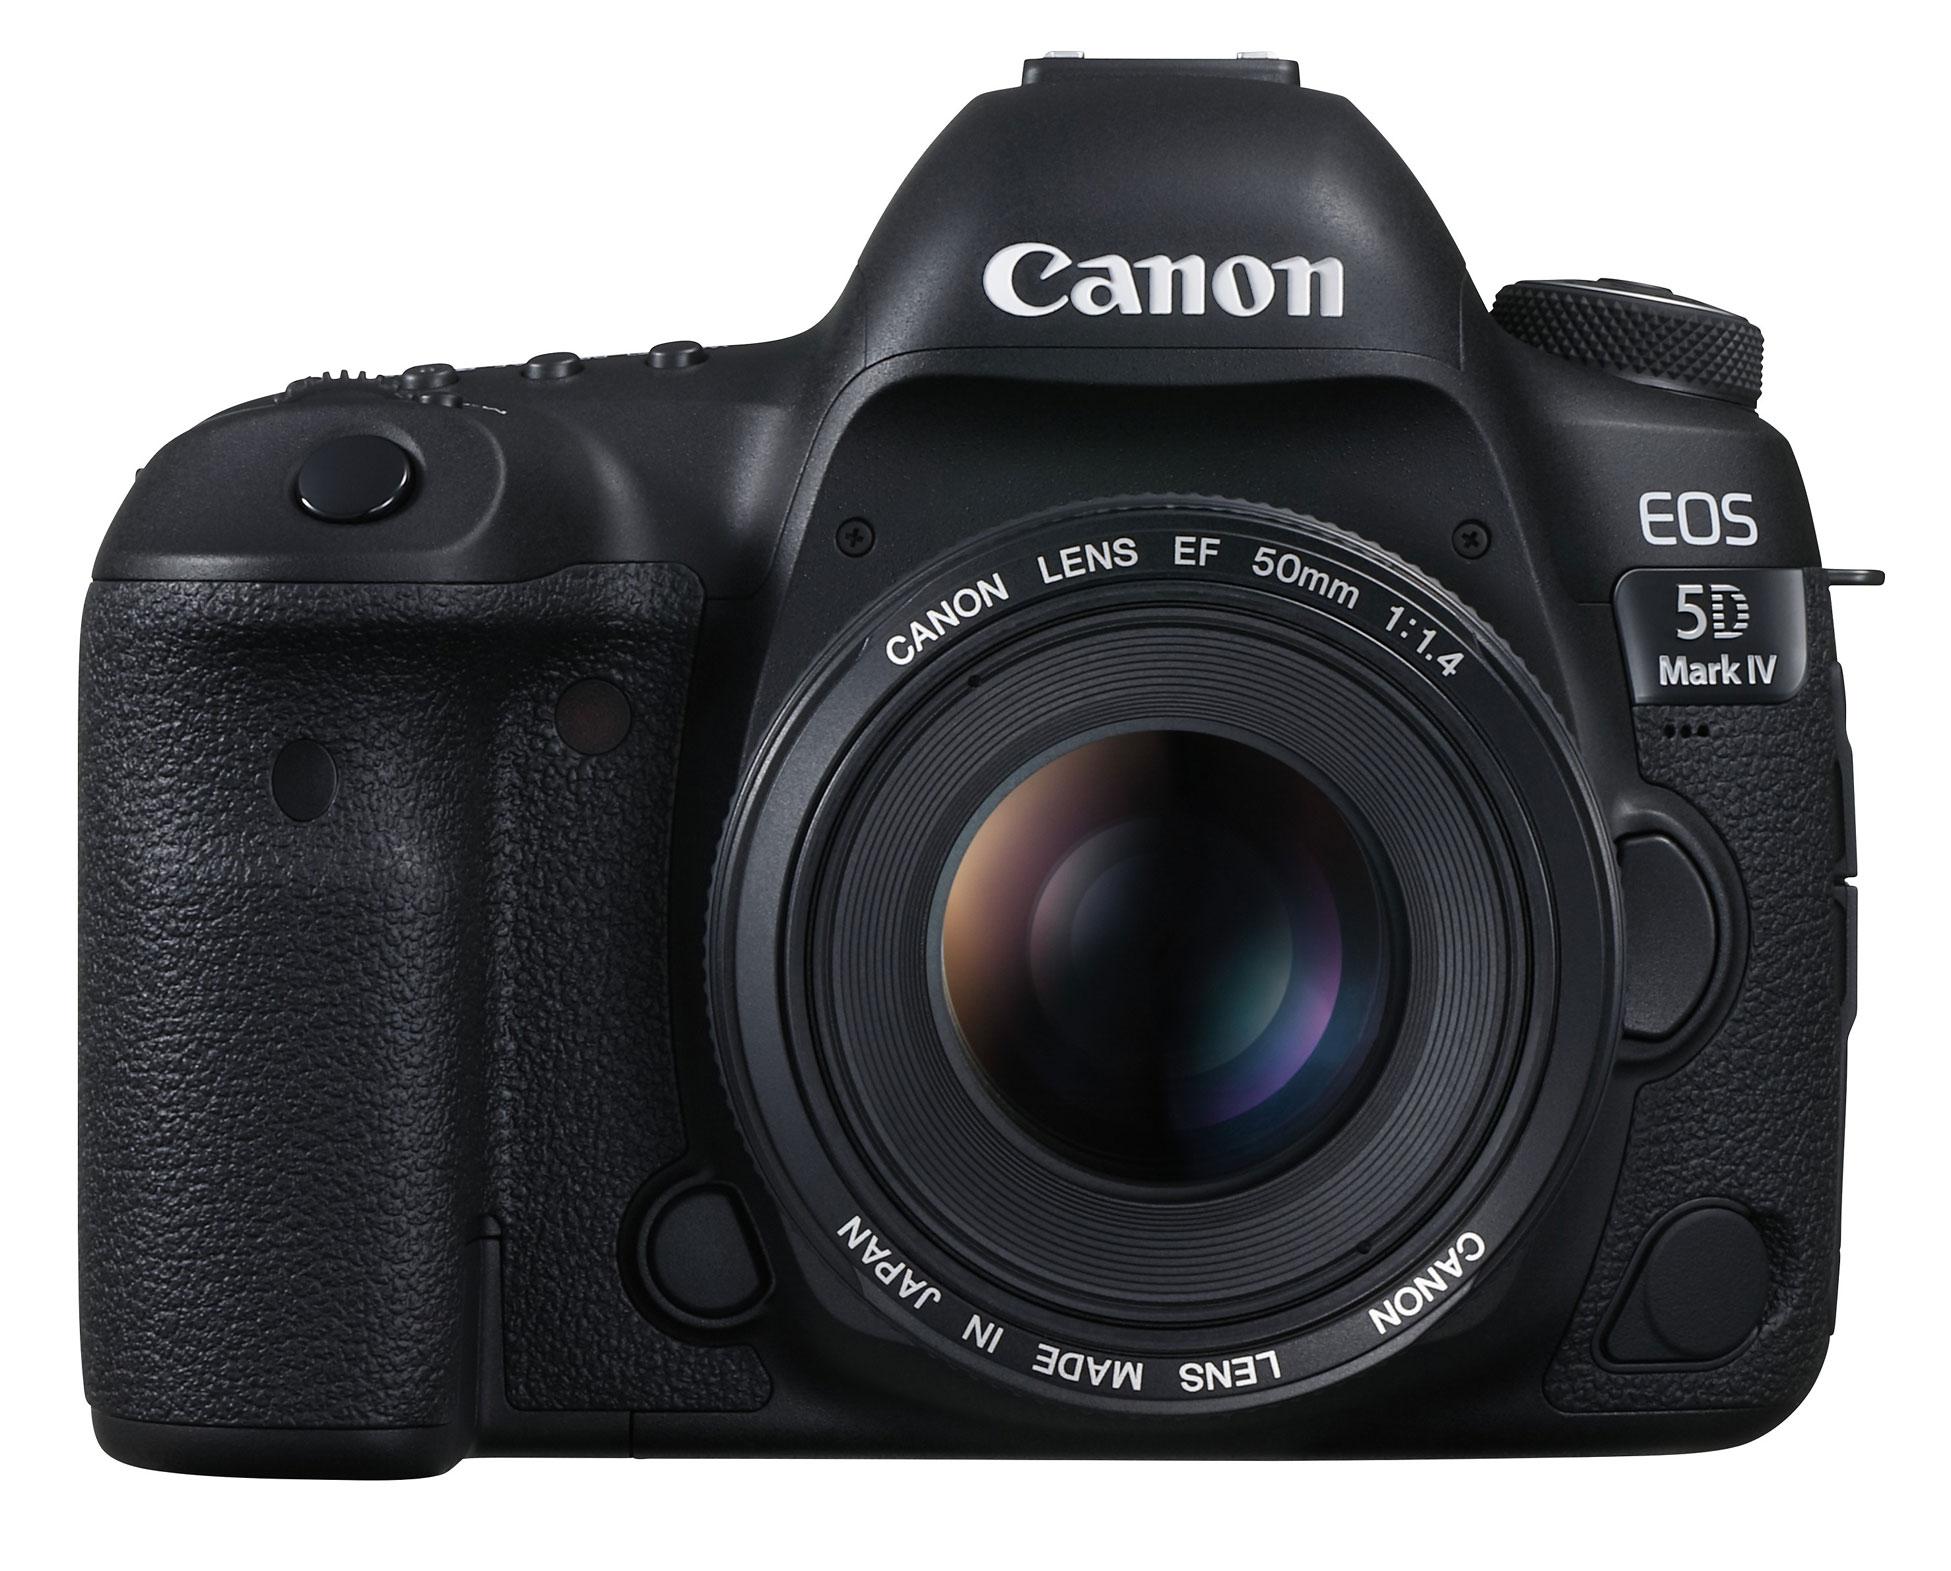 Canon LOG für die 5D MK IV im Anflug - 10 Blenden Dynamikumfang?